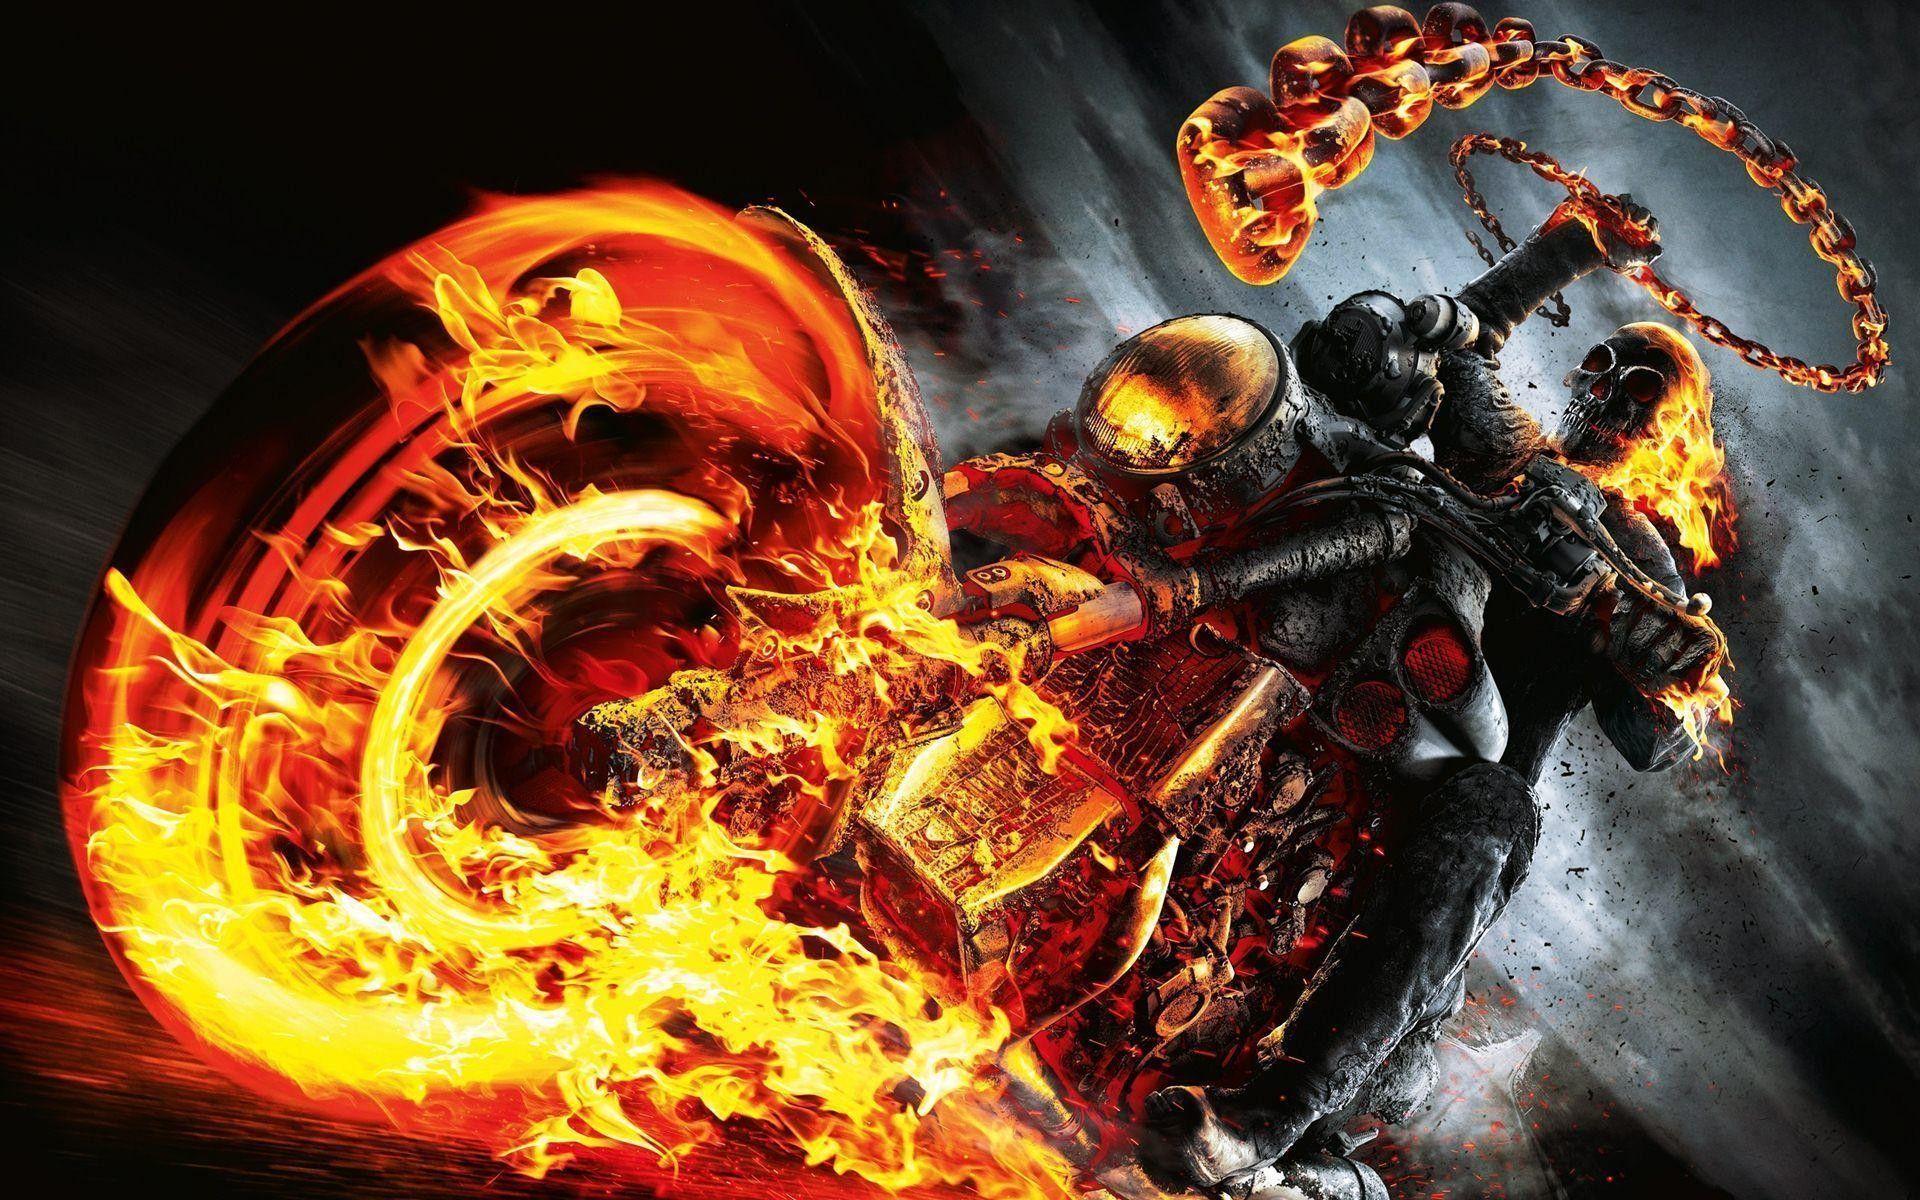 1920x1200 Ghost Rider Spirit Of Vengeance Skull Fire Bike